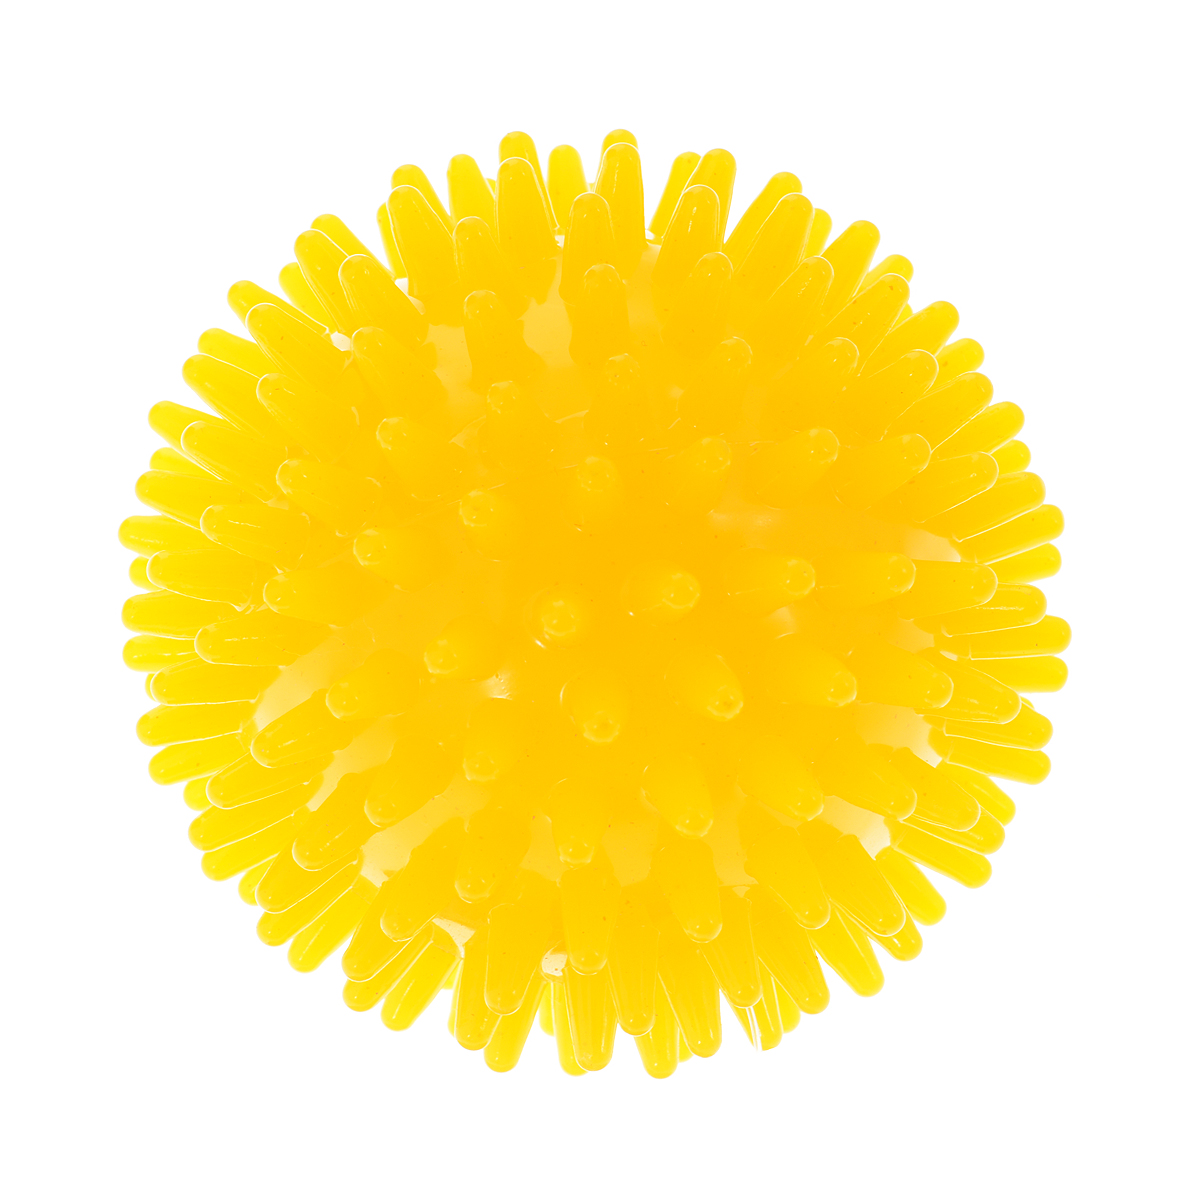 Игрушка для собак V.I.Pet Массажный мяч, цвет: желтый, диаметр 6 смBL11-015-60Игрушка для собак V.I.Pet Массажный мяч, изготовленная из ПВХ, предназначена для массажа и самомассажа рефлексогенных зон. Она имеет мягкие закругленные массажные шипы, эффективно массирующие и не травмирующие кожу. Игрушка не позволит скучать вашему питомцу ни дома, ни на улице.Диаметр: 6 см.